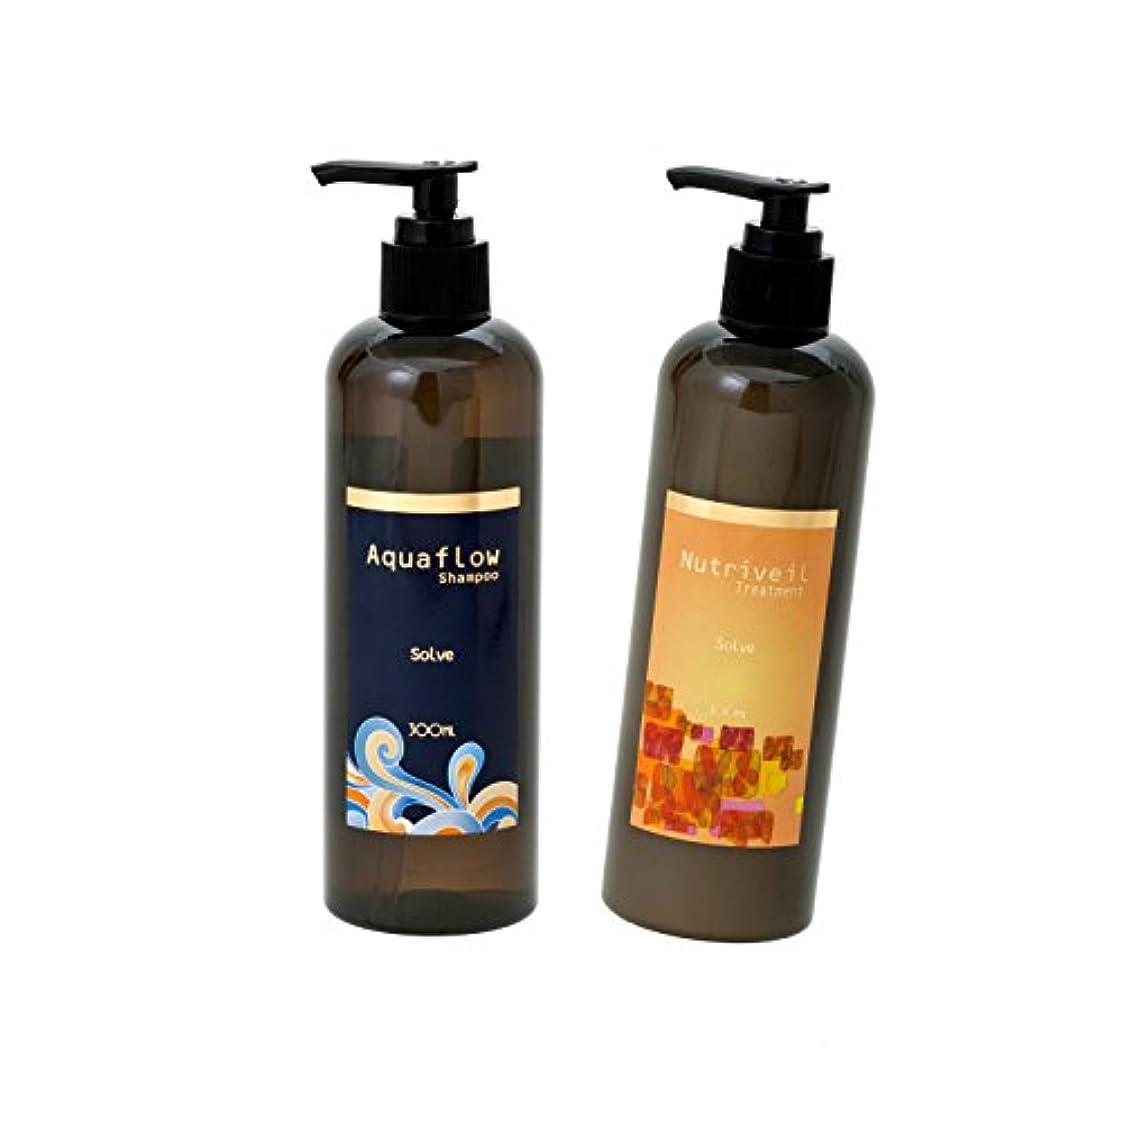 オーストラリア人手数料高揚した縮毛矯正した髪を栄養そのもので洗うsolve|ソルブシャンプー「Aquaflow_アクアフロー」ソルブトリートメント「Nutriveil_ニュートリヴェール」セット|カラーの繰り返しで大きくダメージした髪のケアにも。 (300ml_set)